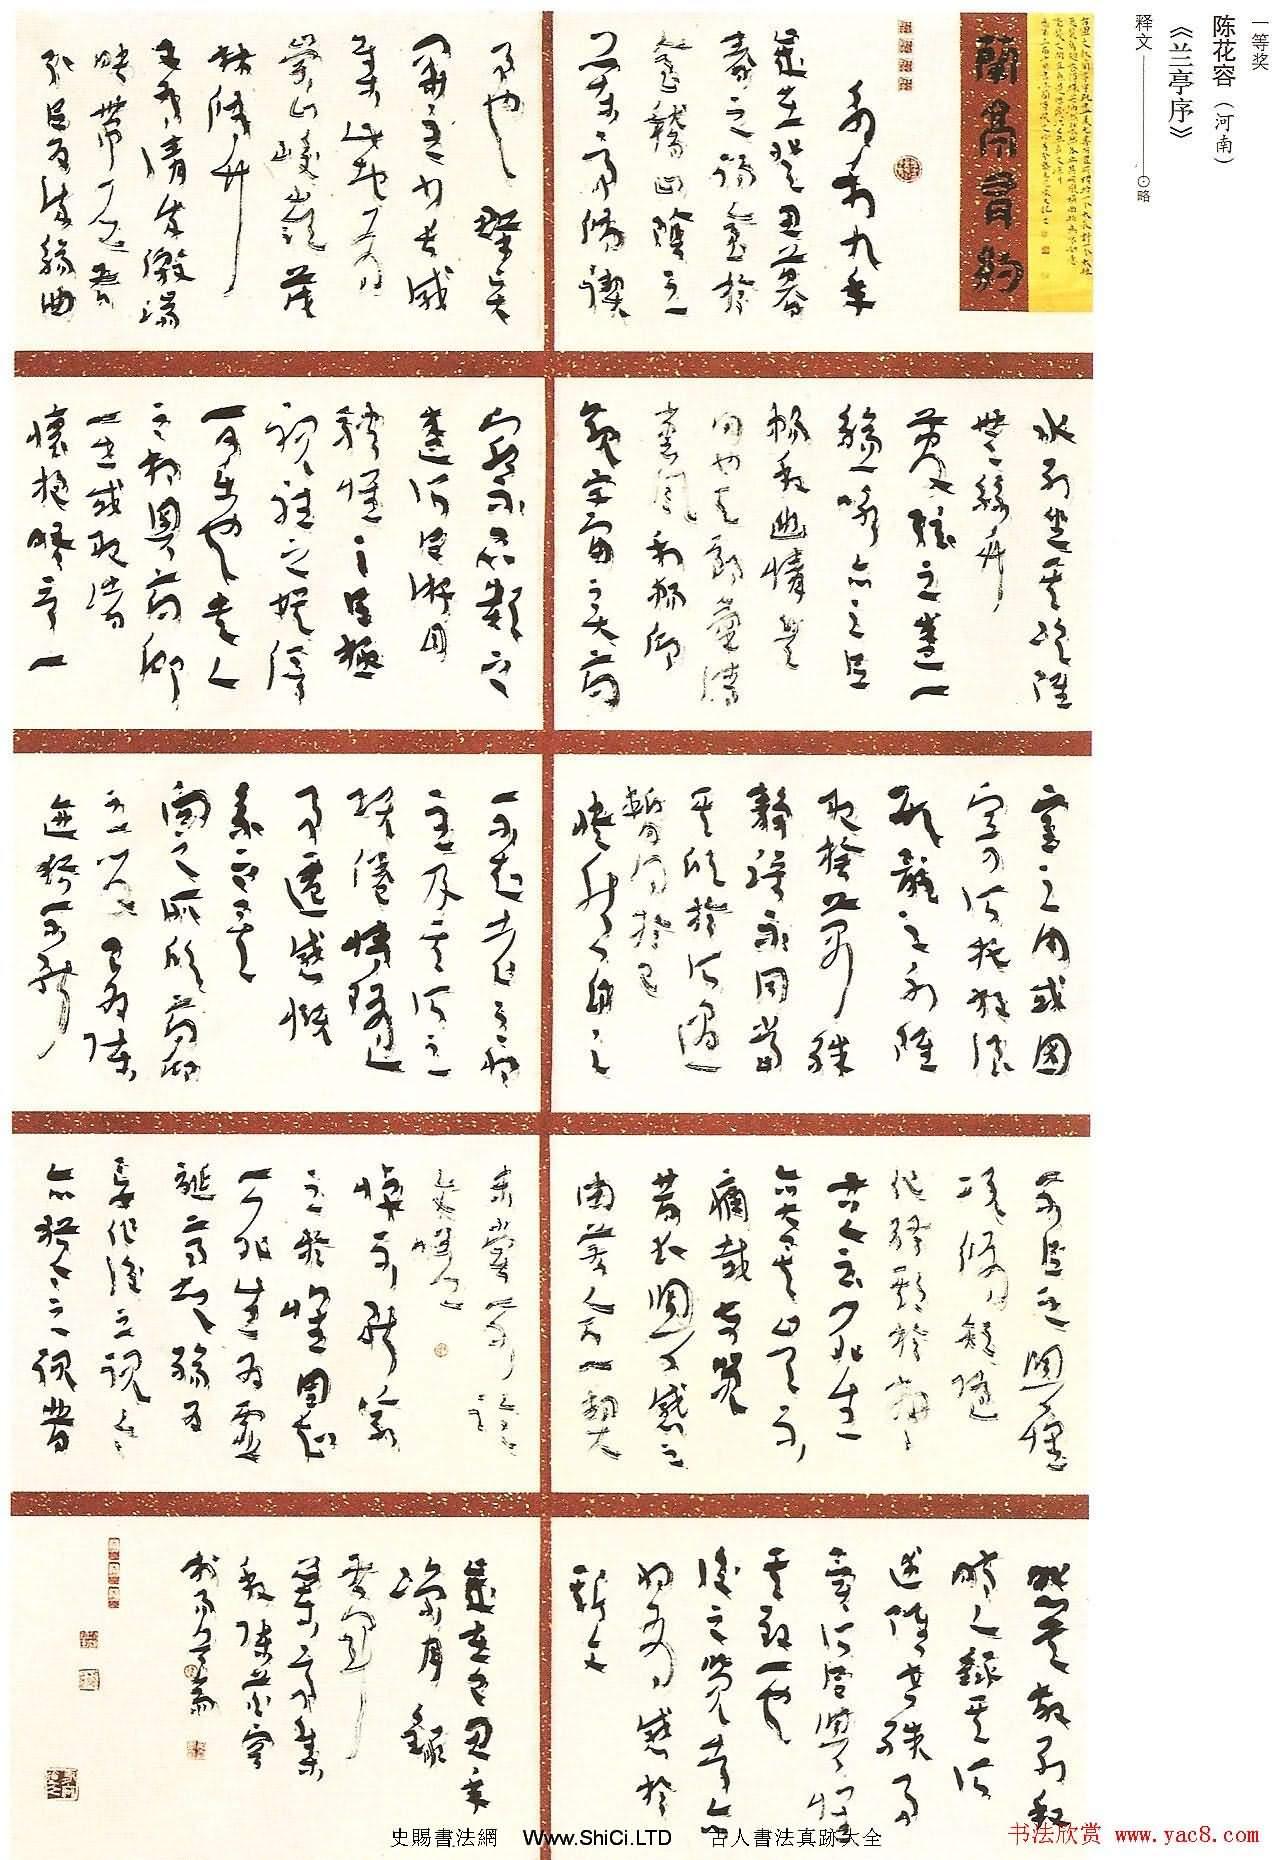 蘭亭獎書法展覽獲獎作品真跡(共20張圖片)